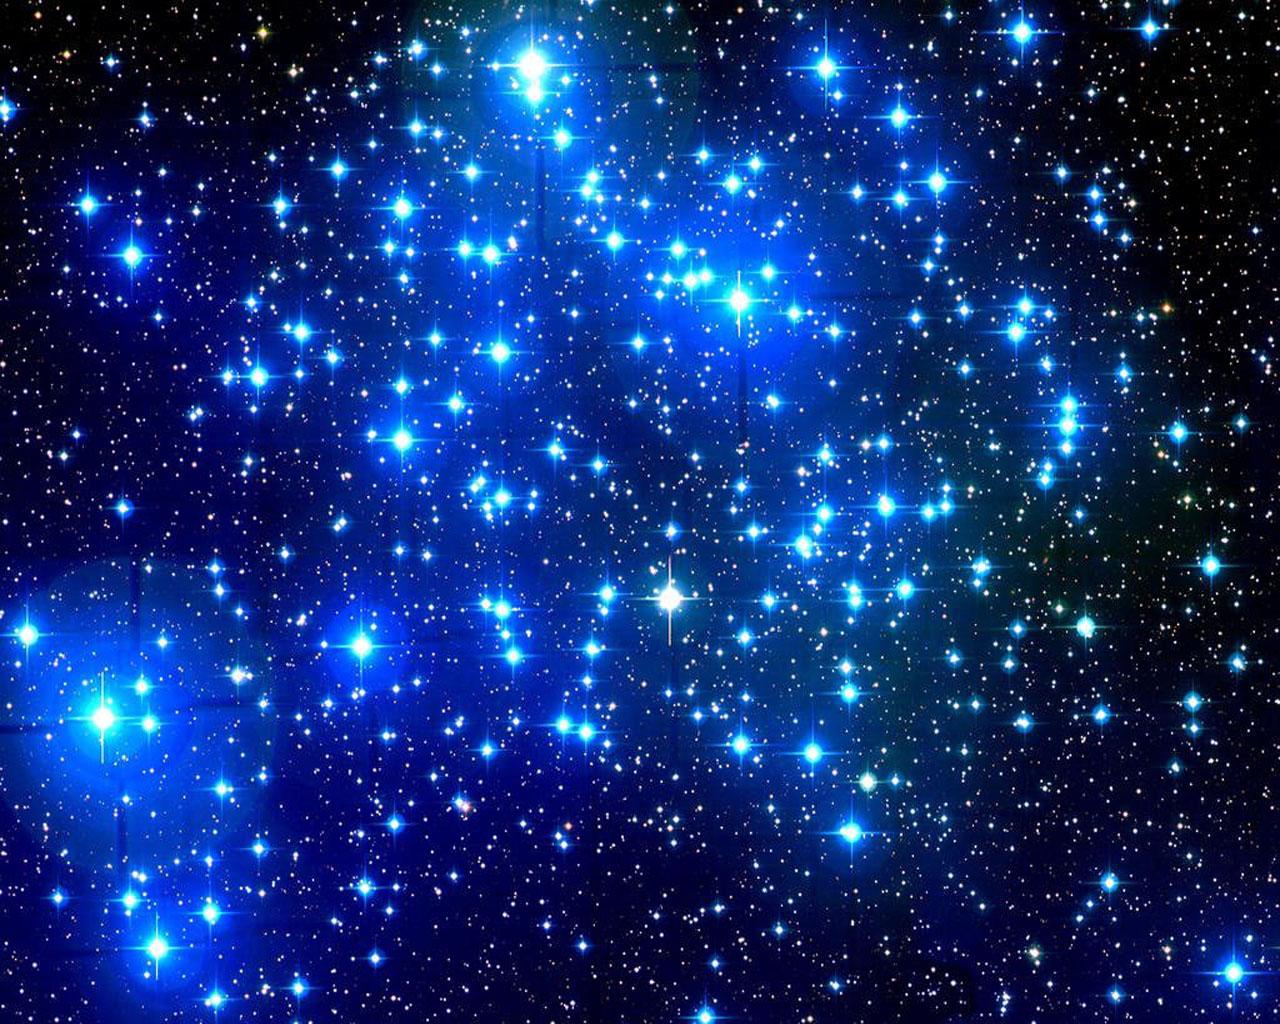 Estrellas Animadas Brillantes